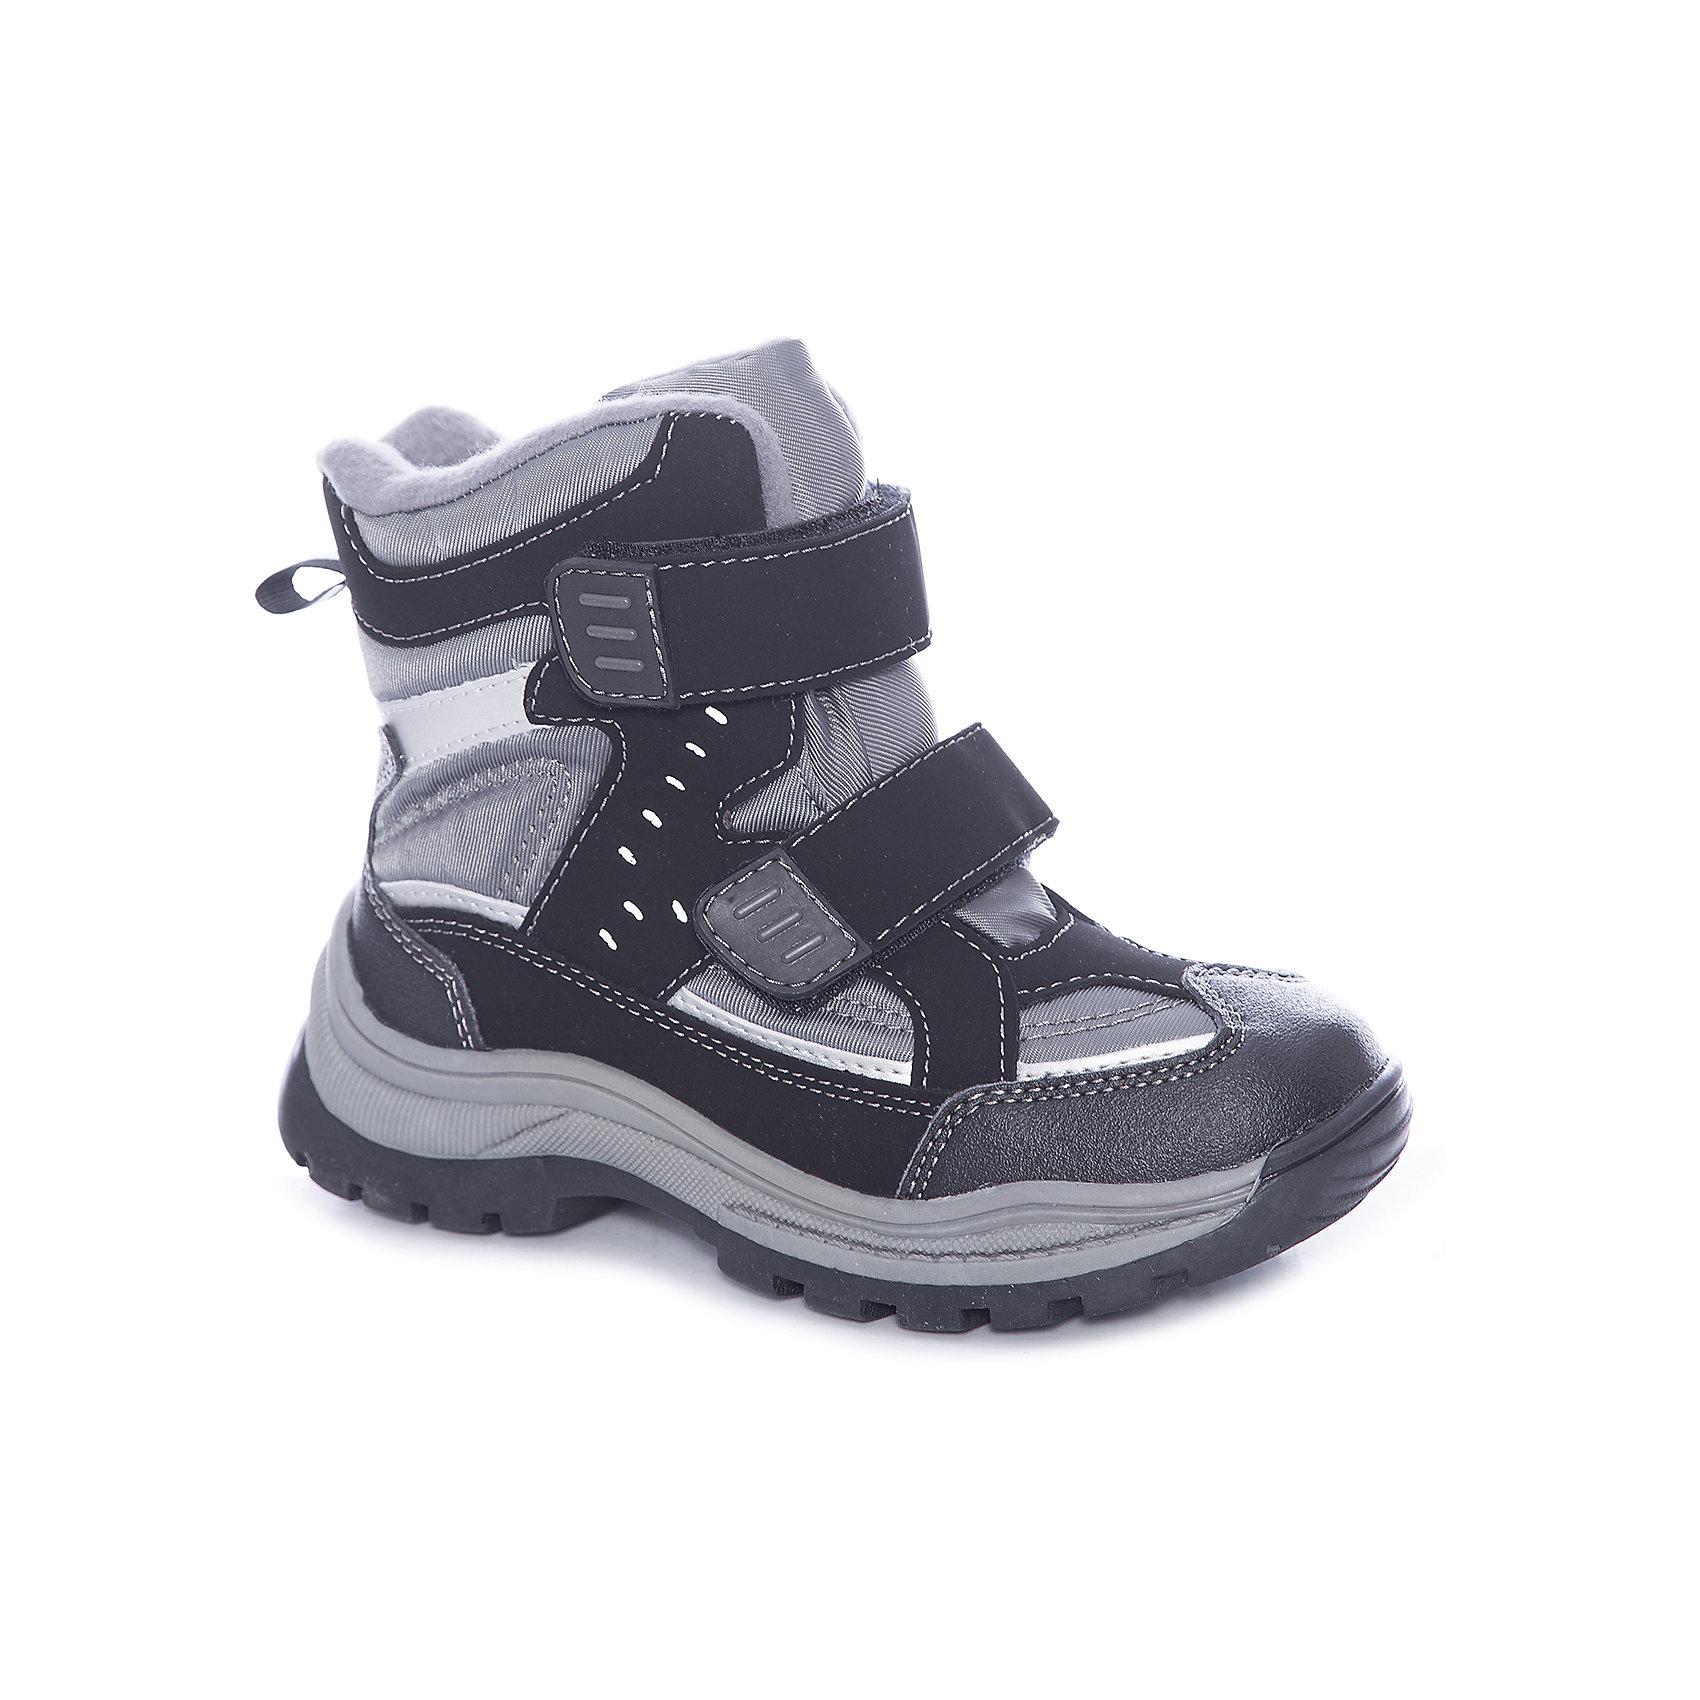 Ботинки для мальчика ScoolБотинки для мальчика Scool – удобство и комфорт в одной обуви.<br>Мягкие ботинки выполнены из искусственной кожи и текстиля. Застегиваются на липучки, что очень удобно для детей. Подошва с рифлением против скольжения. Не пропускают влагу, оставляя ноги сухими и теплыми. Сами ботинки сделаны с учетом правильного формирования стопы. <br><br>Дополнительная информация:<br><br>- материал: 60% искусственная кожа, 40% ПЭ<br>- цвет: серый<br><br>Ботинки для мальчика Scool можно купить в нашем интернет магазине.<br><br>Ширина мм: 257<br>Глубина мм: 180<br>Высота мм: 130<br>Вес г: 420<br>Цвет: черный<br>Возраст от месяцев: 144<br>Возраст до месяцев: 156<br>Пол: Мужской<br>Возраст: Детский<br>Размер: 36,34,37,31,32,38,35,33<br>SKU: 4911756